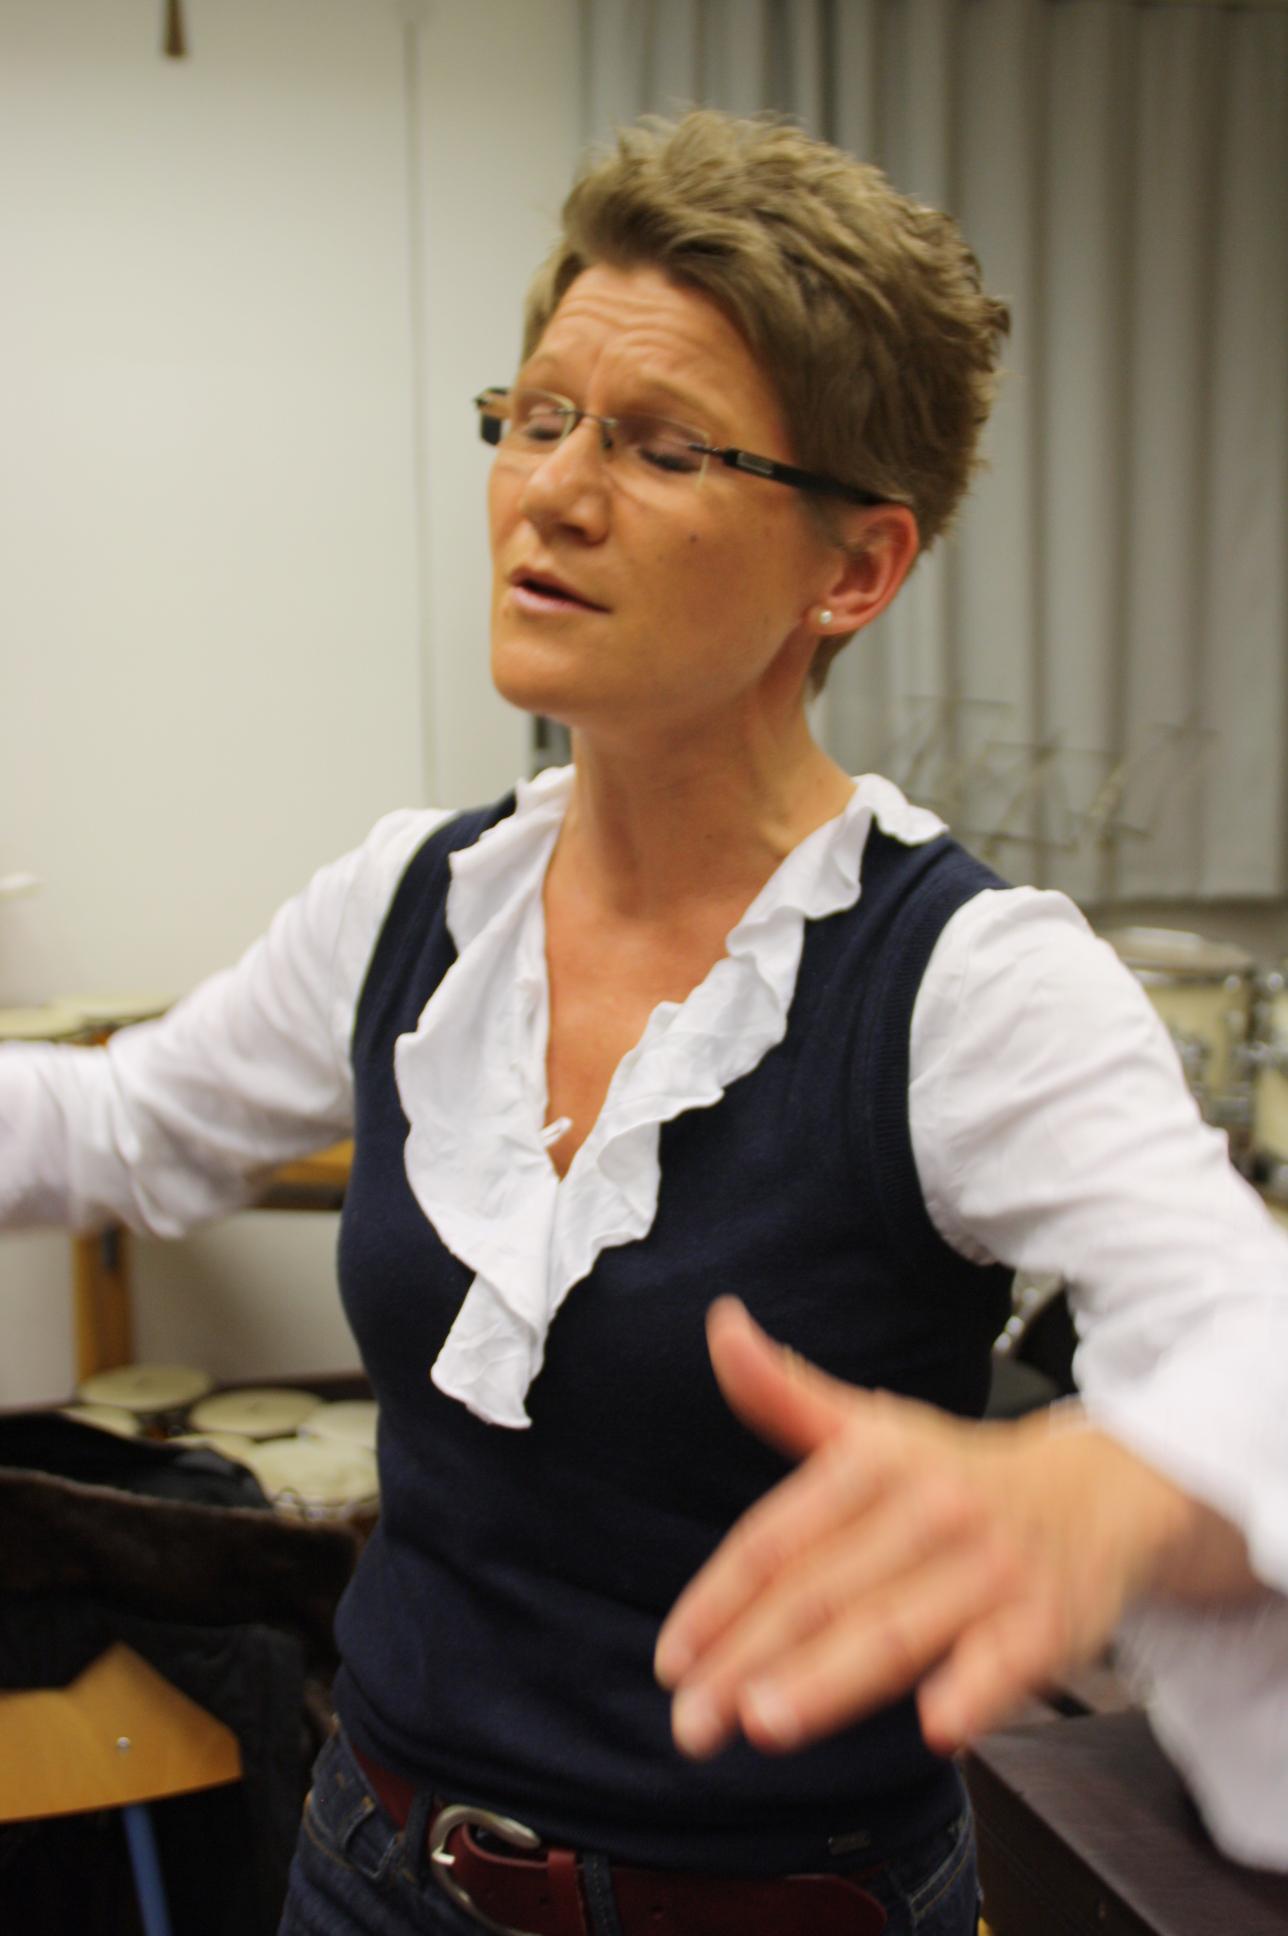 Susan Ehlert